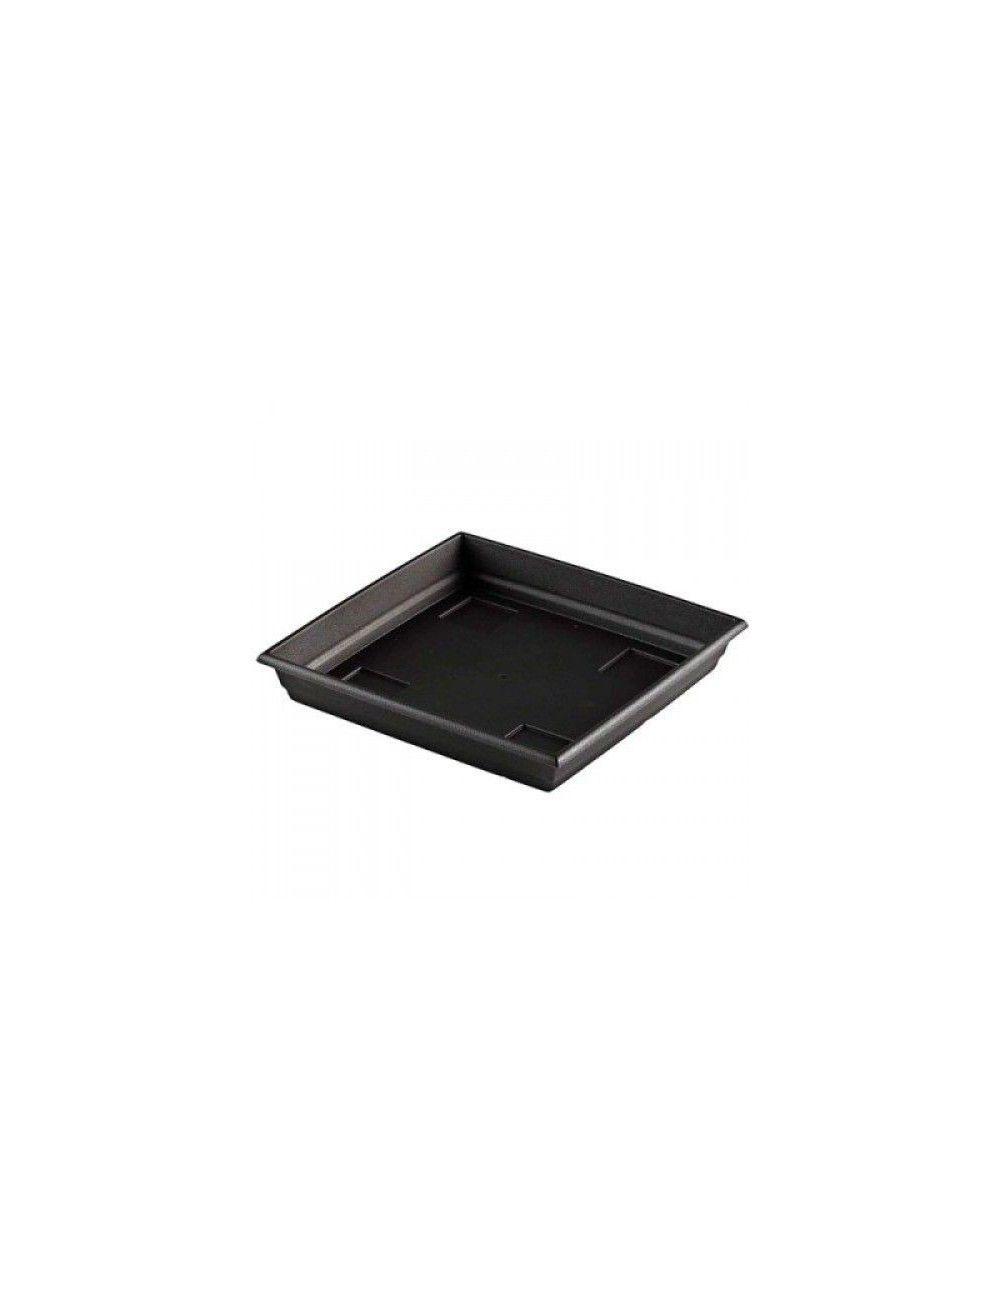 Plato cuadrado negro 14x14cm